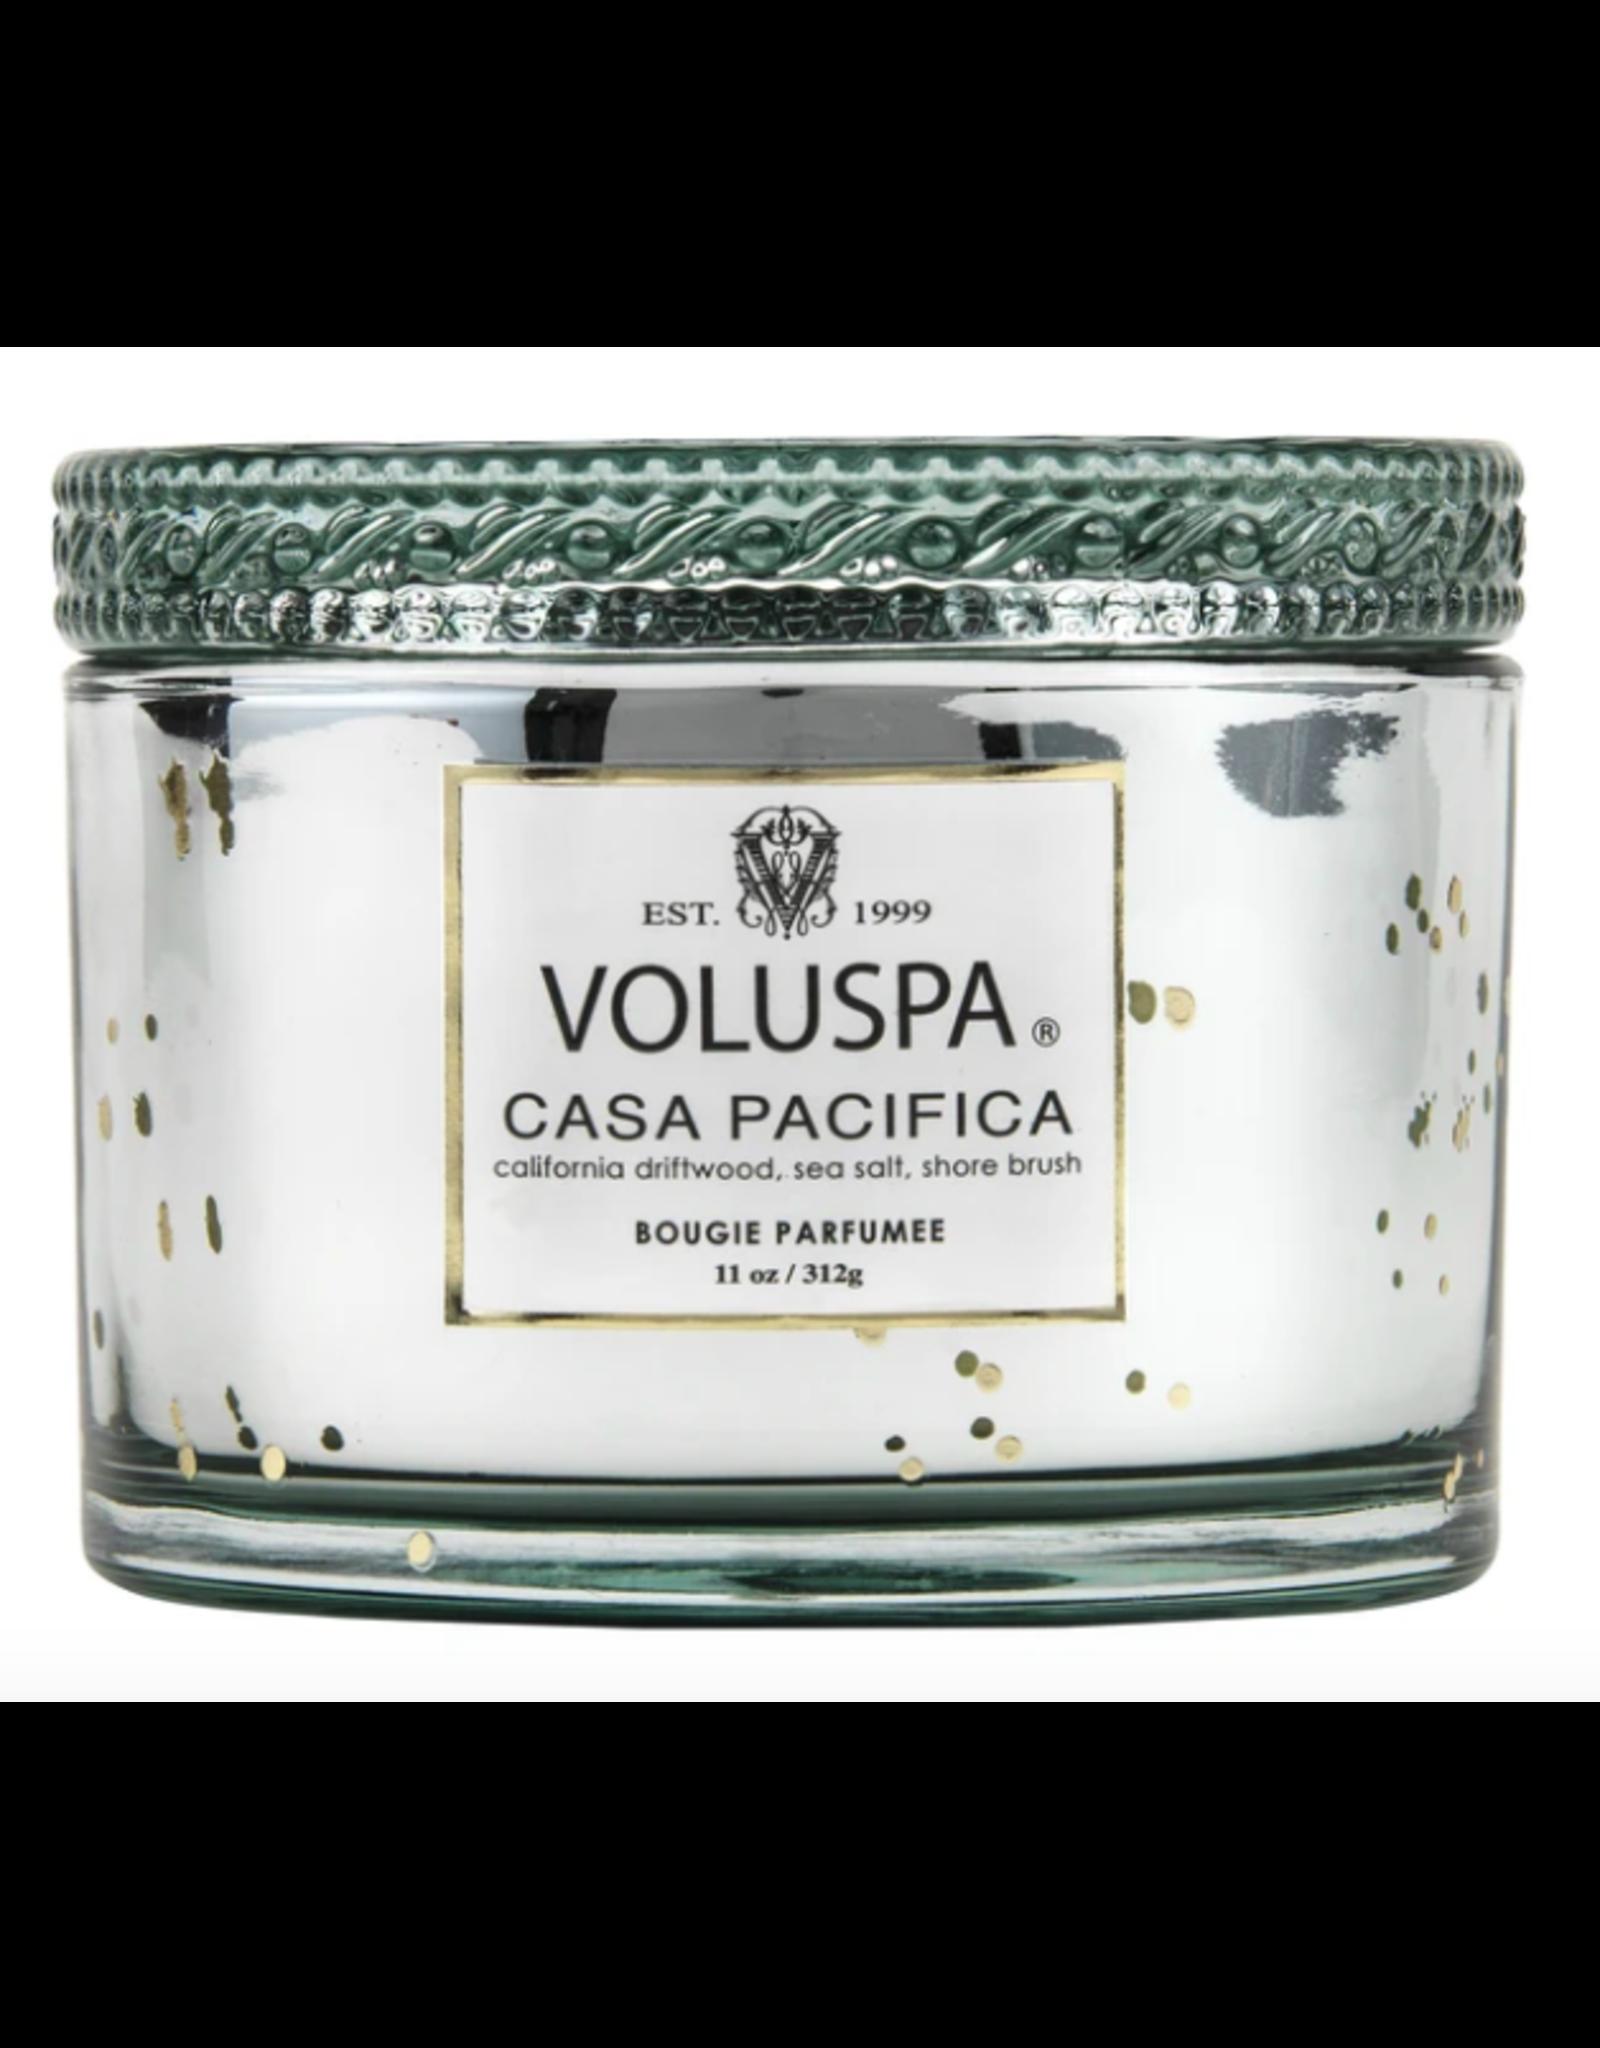 Voluspa Boxed Casa Pacifica Corta Maison Candle